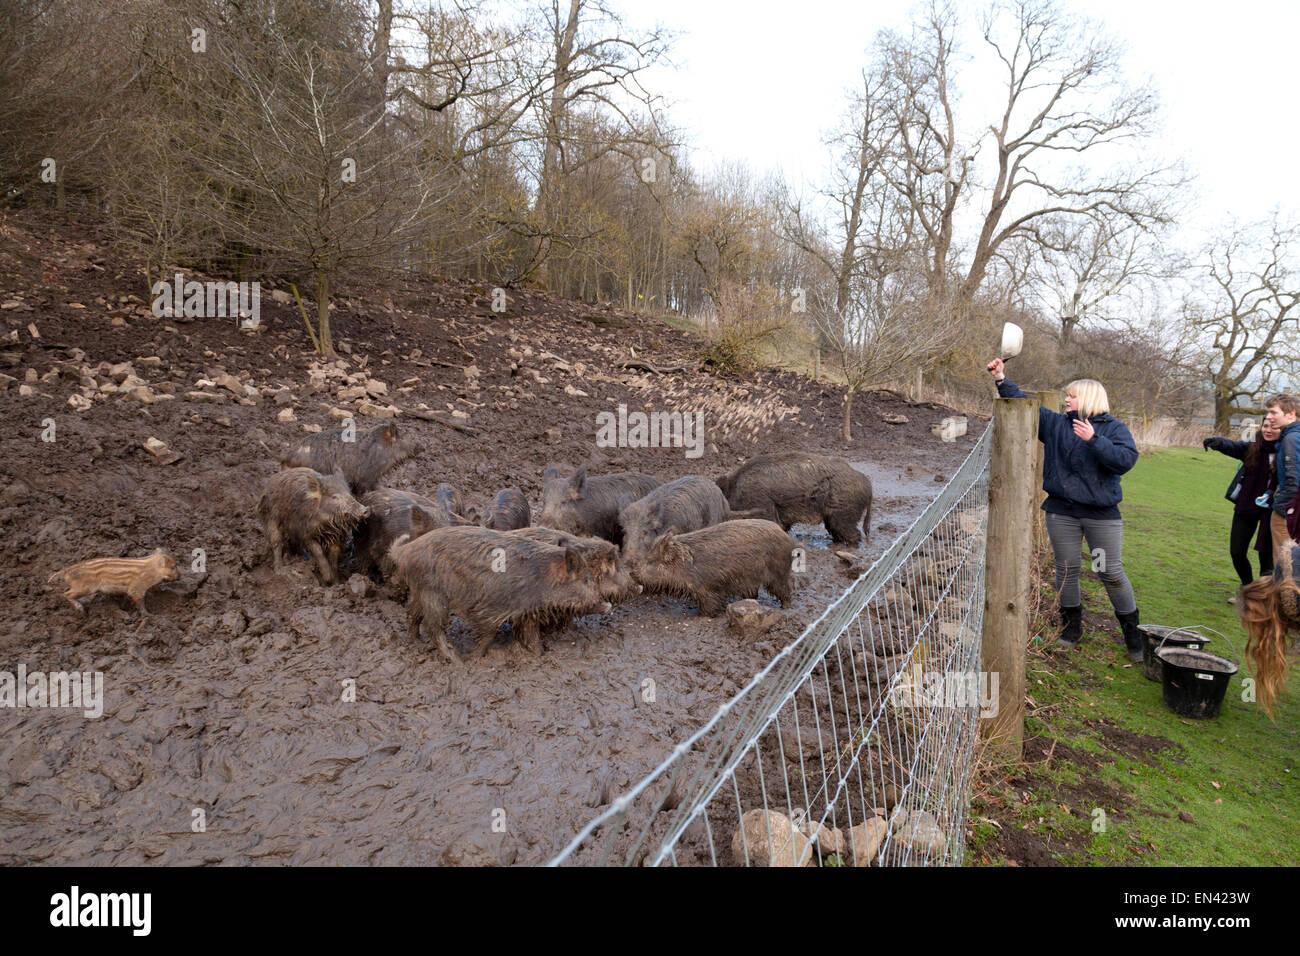 Feeding captive wild boars at Bolton Castle, Wensleydale, Yorkshire UK - Stock Image